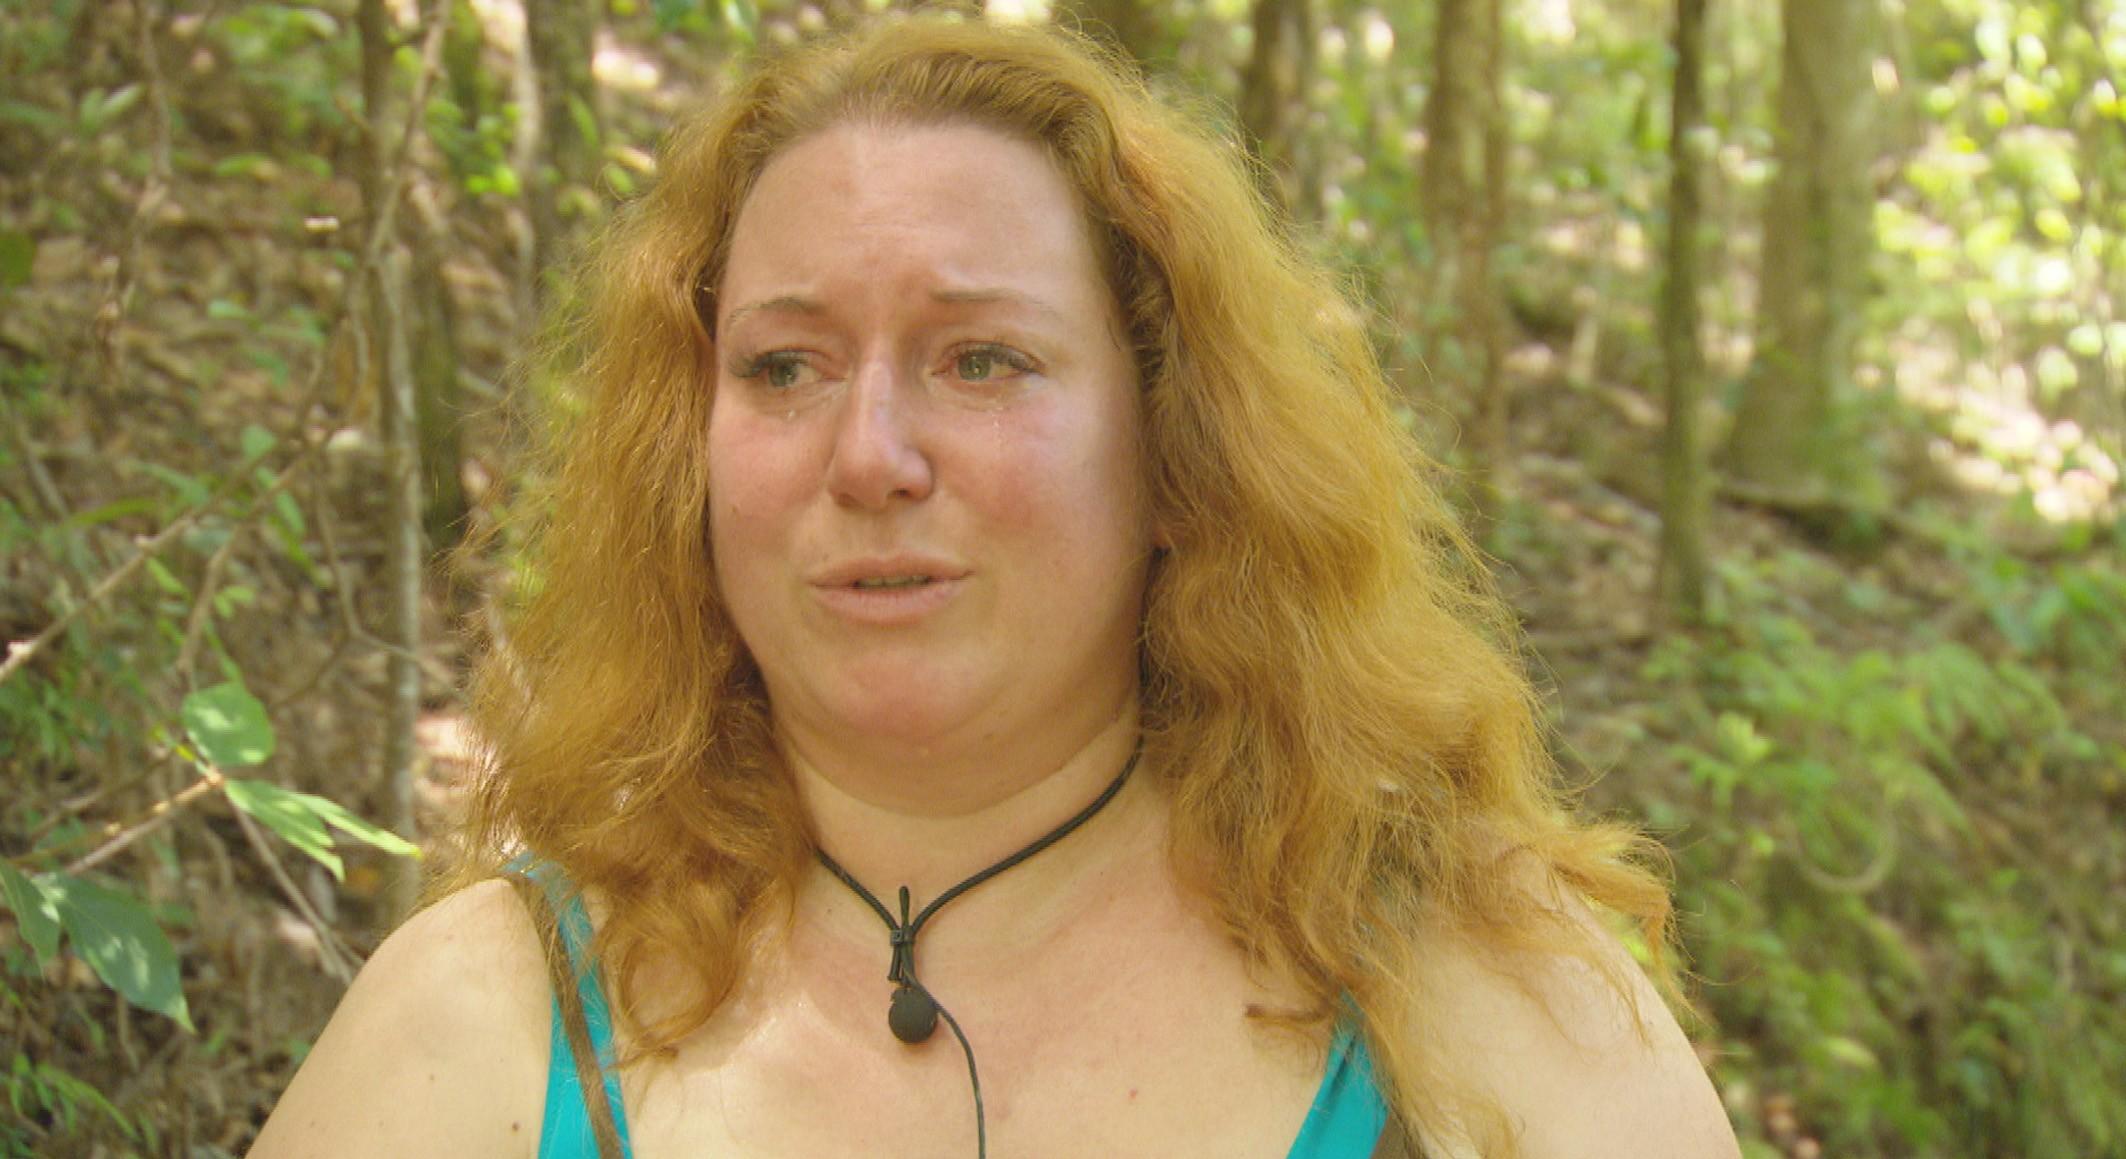 Rebecca-Siemoneit-Barum-Traenen-Dschungelcamp-2015-IBES-Folge-10-Tag